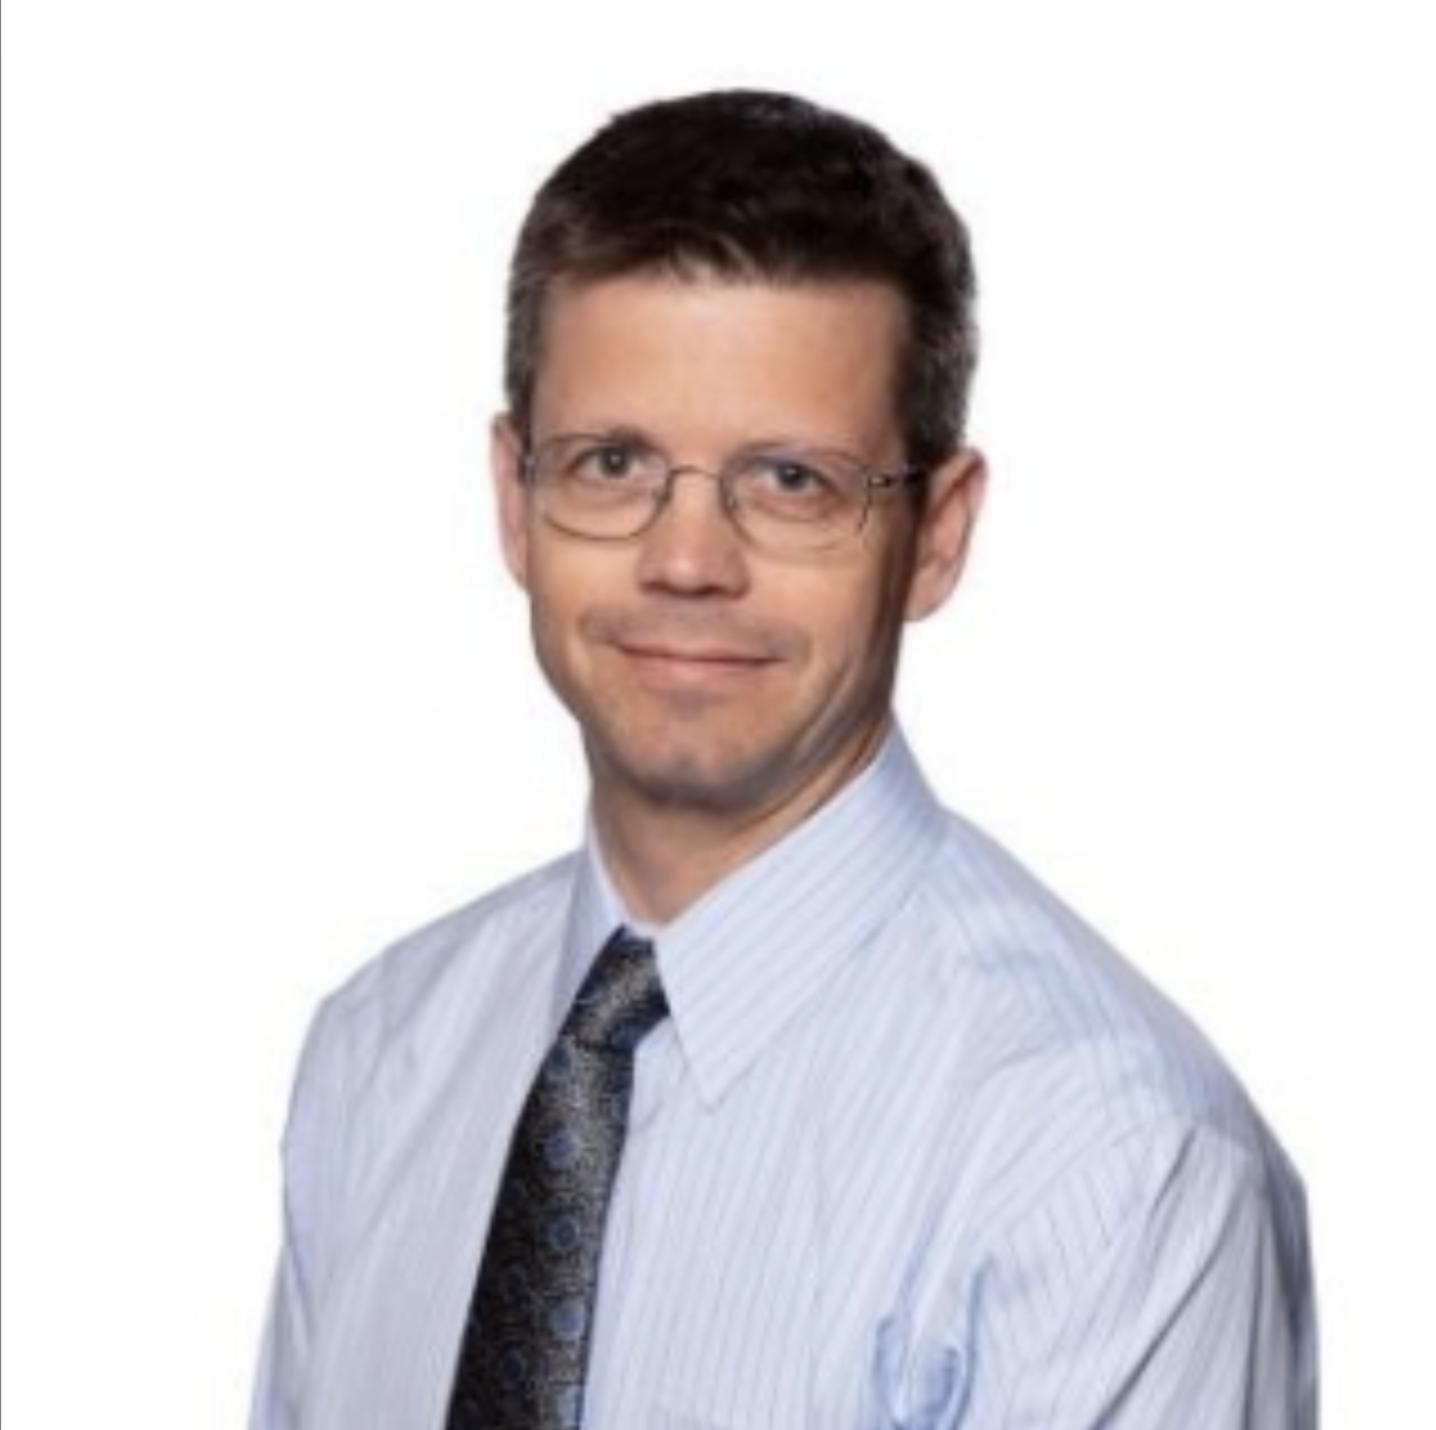 Dr. Alan Schroeder, Clinical Associate Professor of Pediatrics